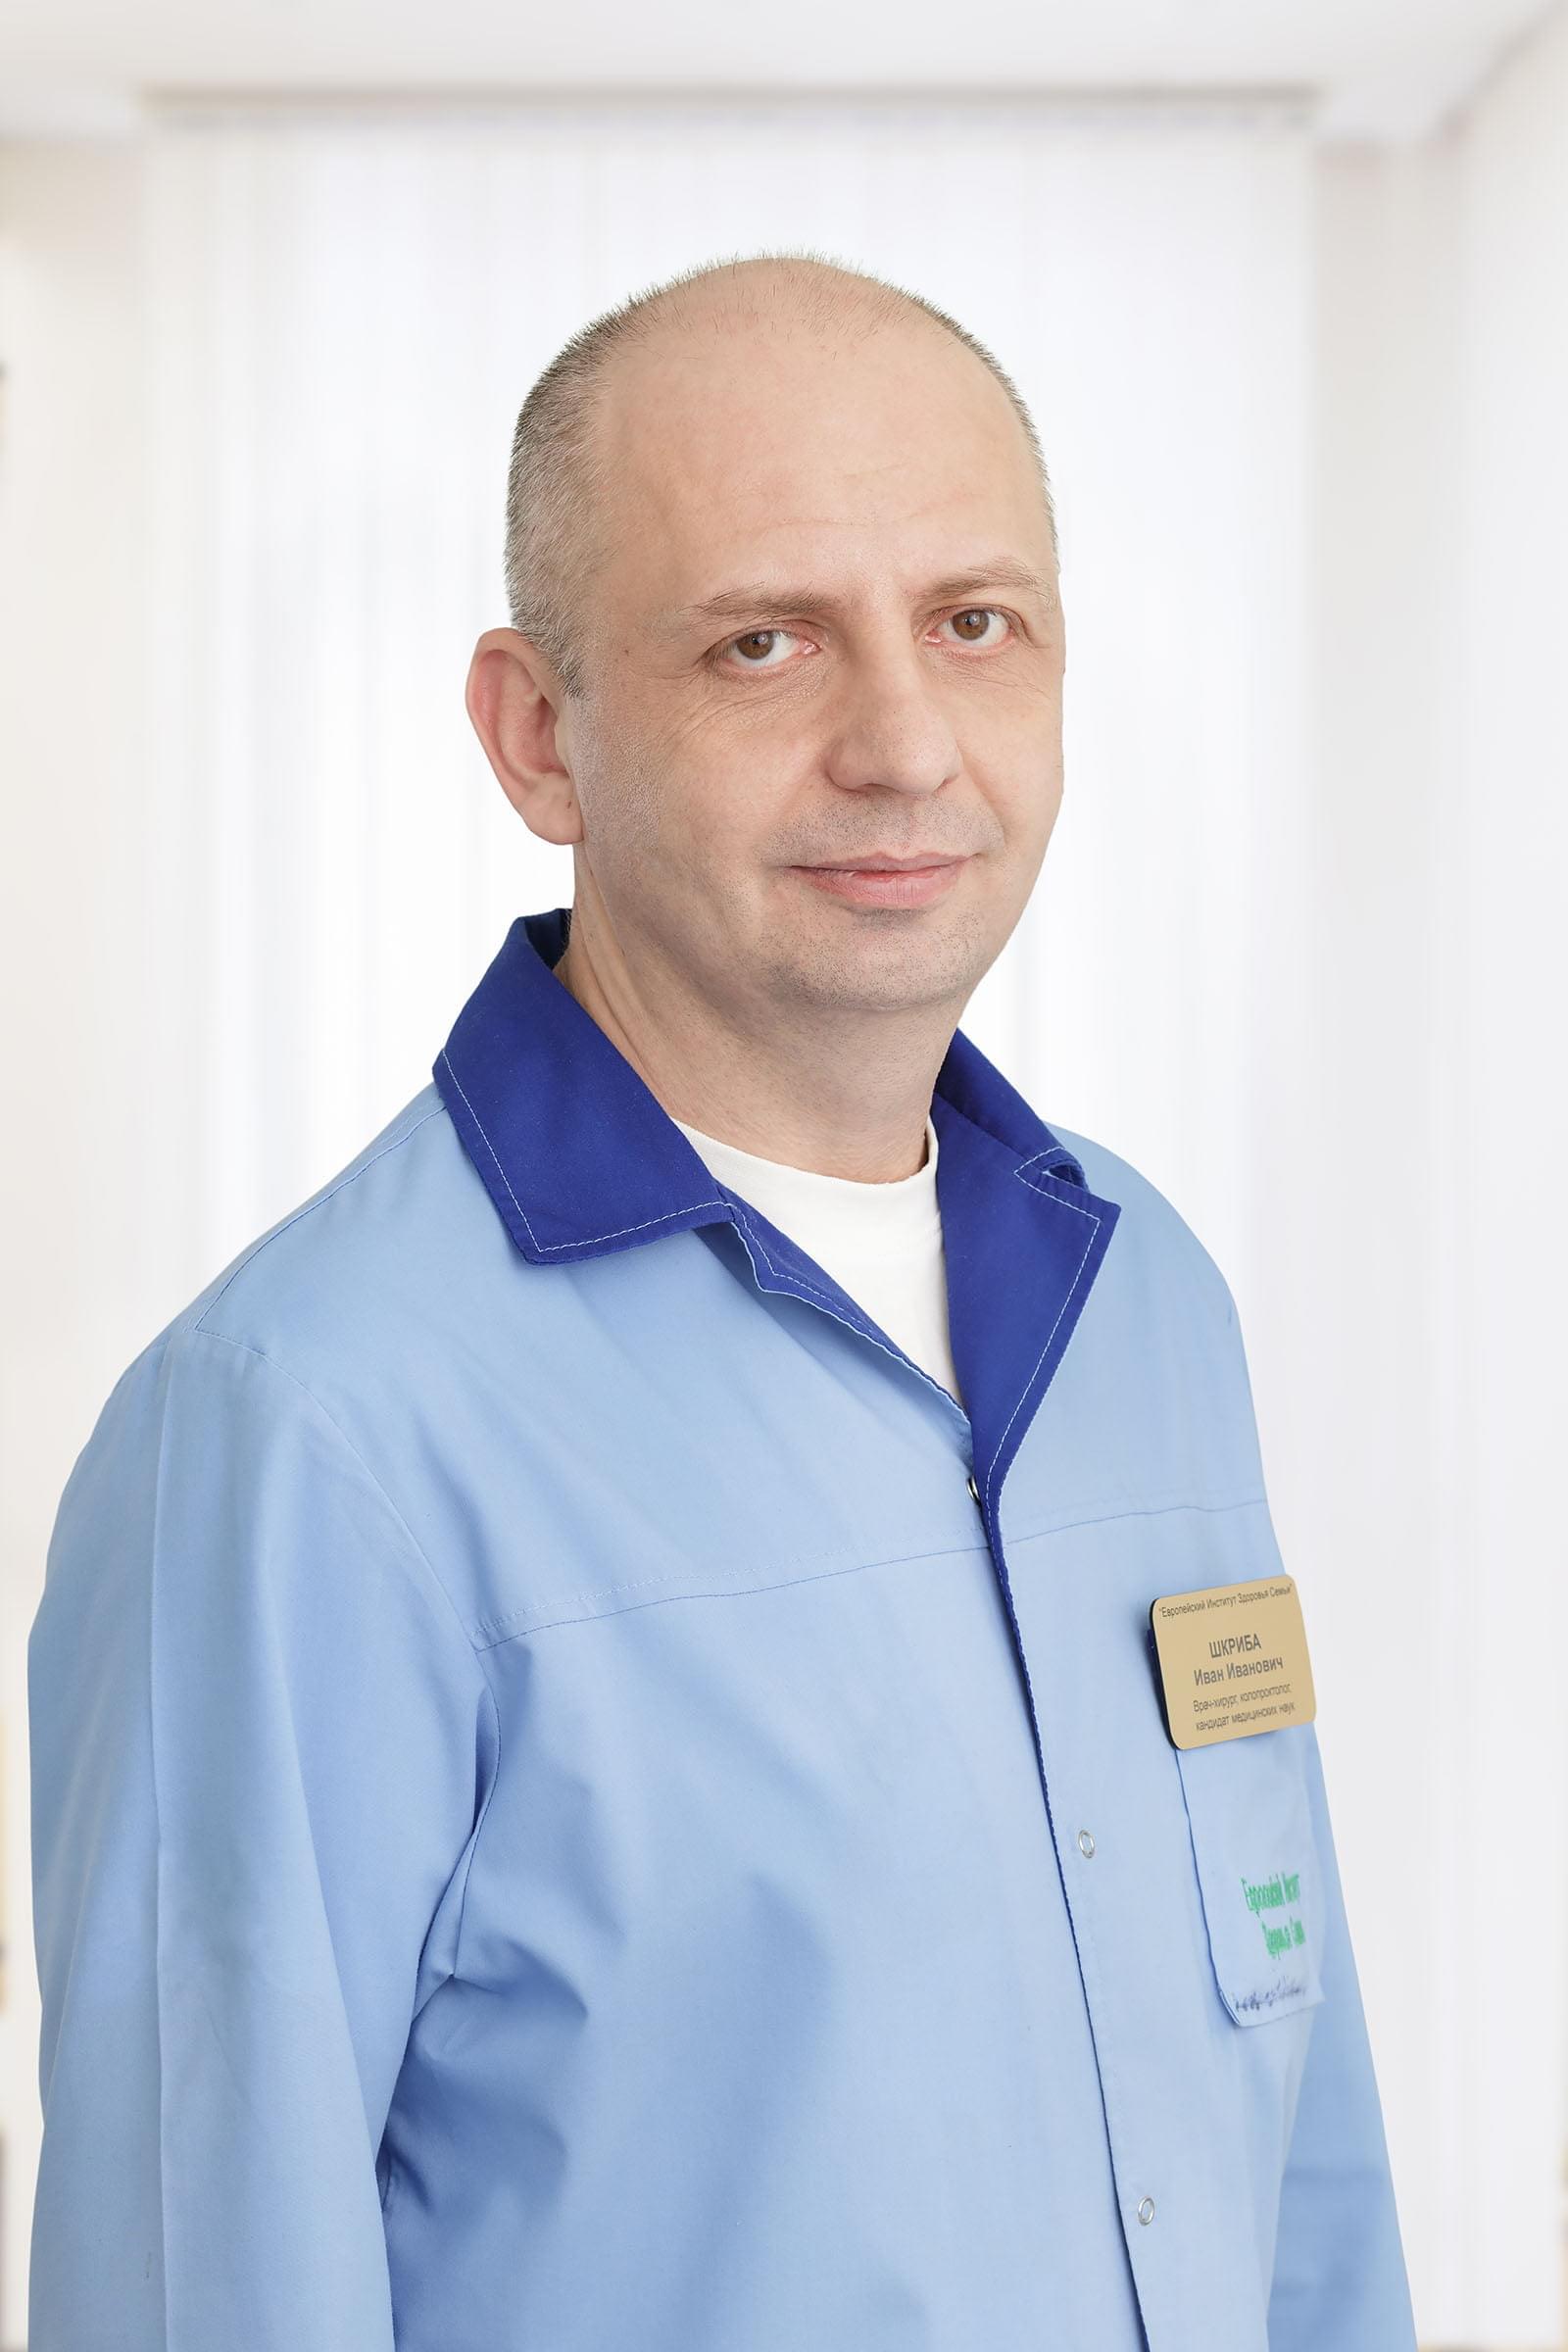 Шкриба Иван Иванович : Врач хирург, колопроктолог, кандидат медицинских наук, врач высшей квалификационной категории